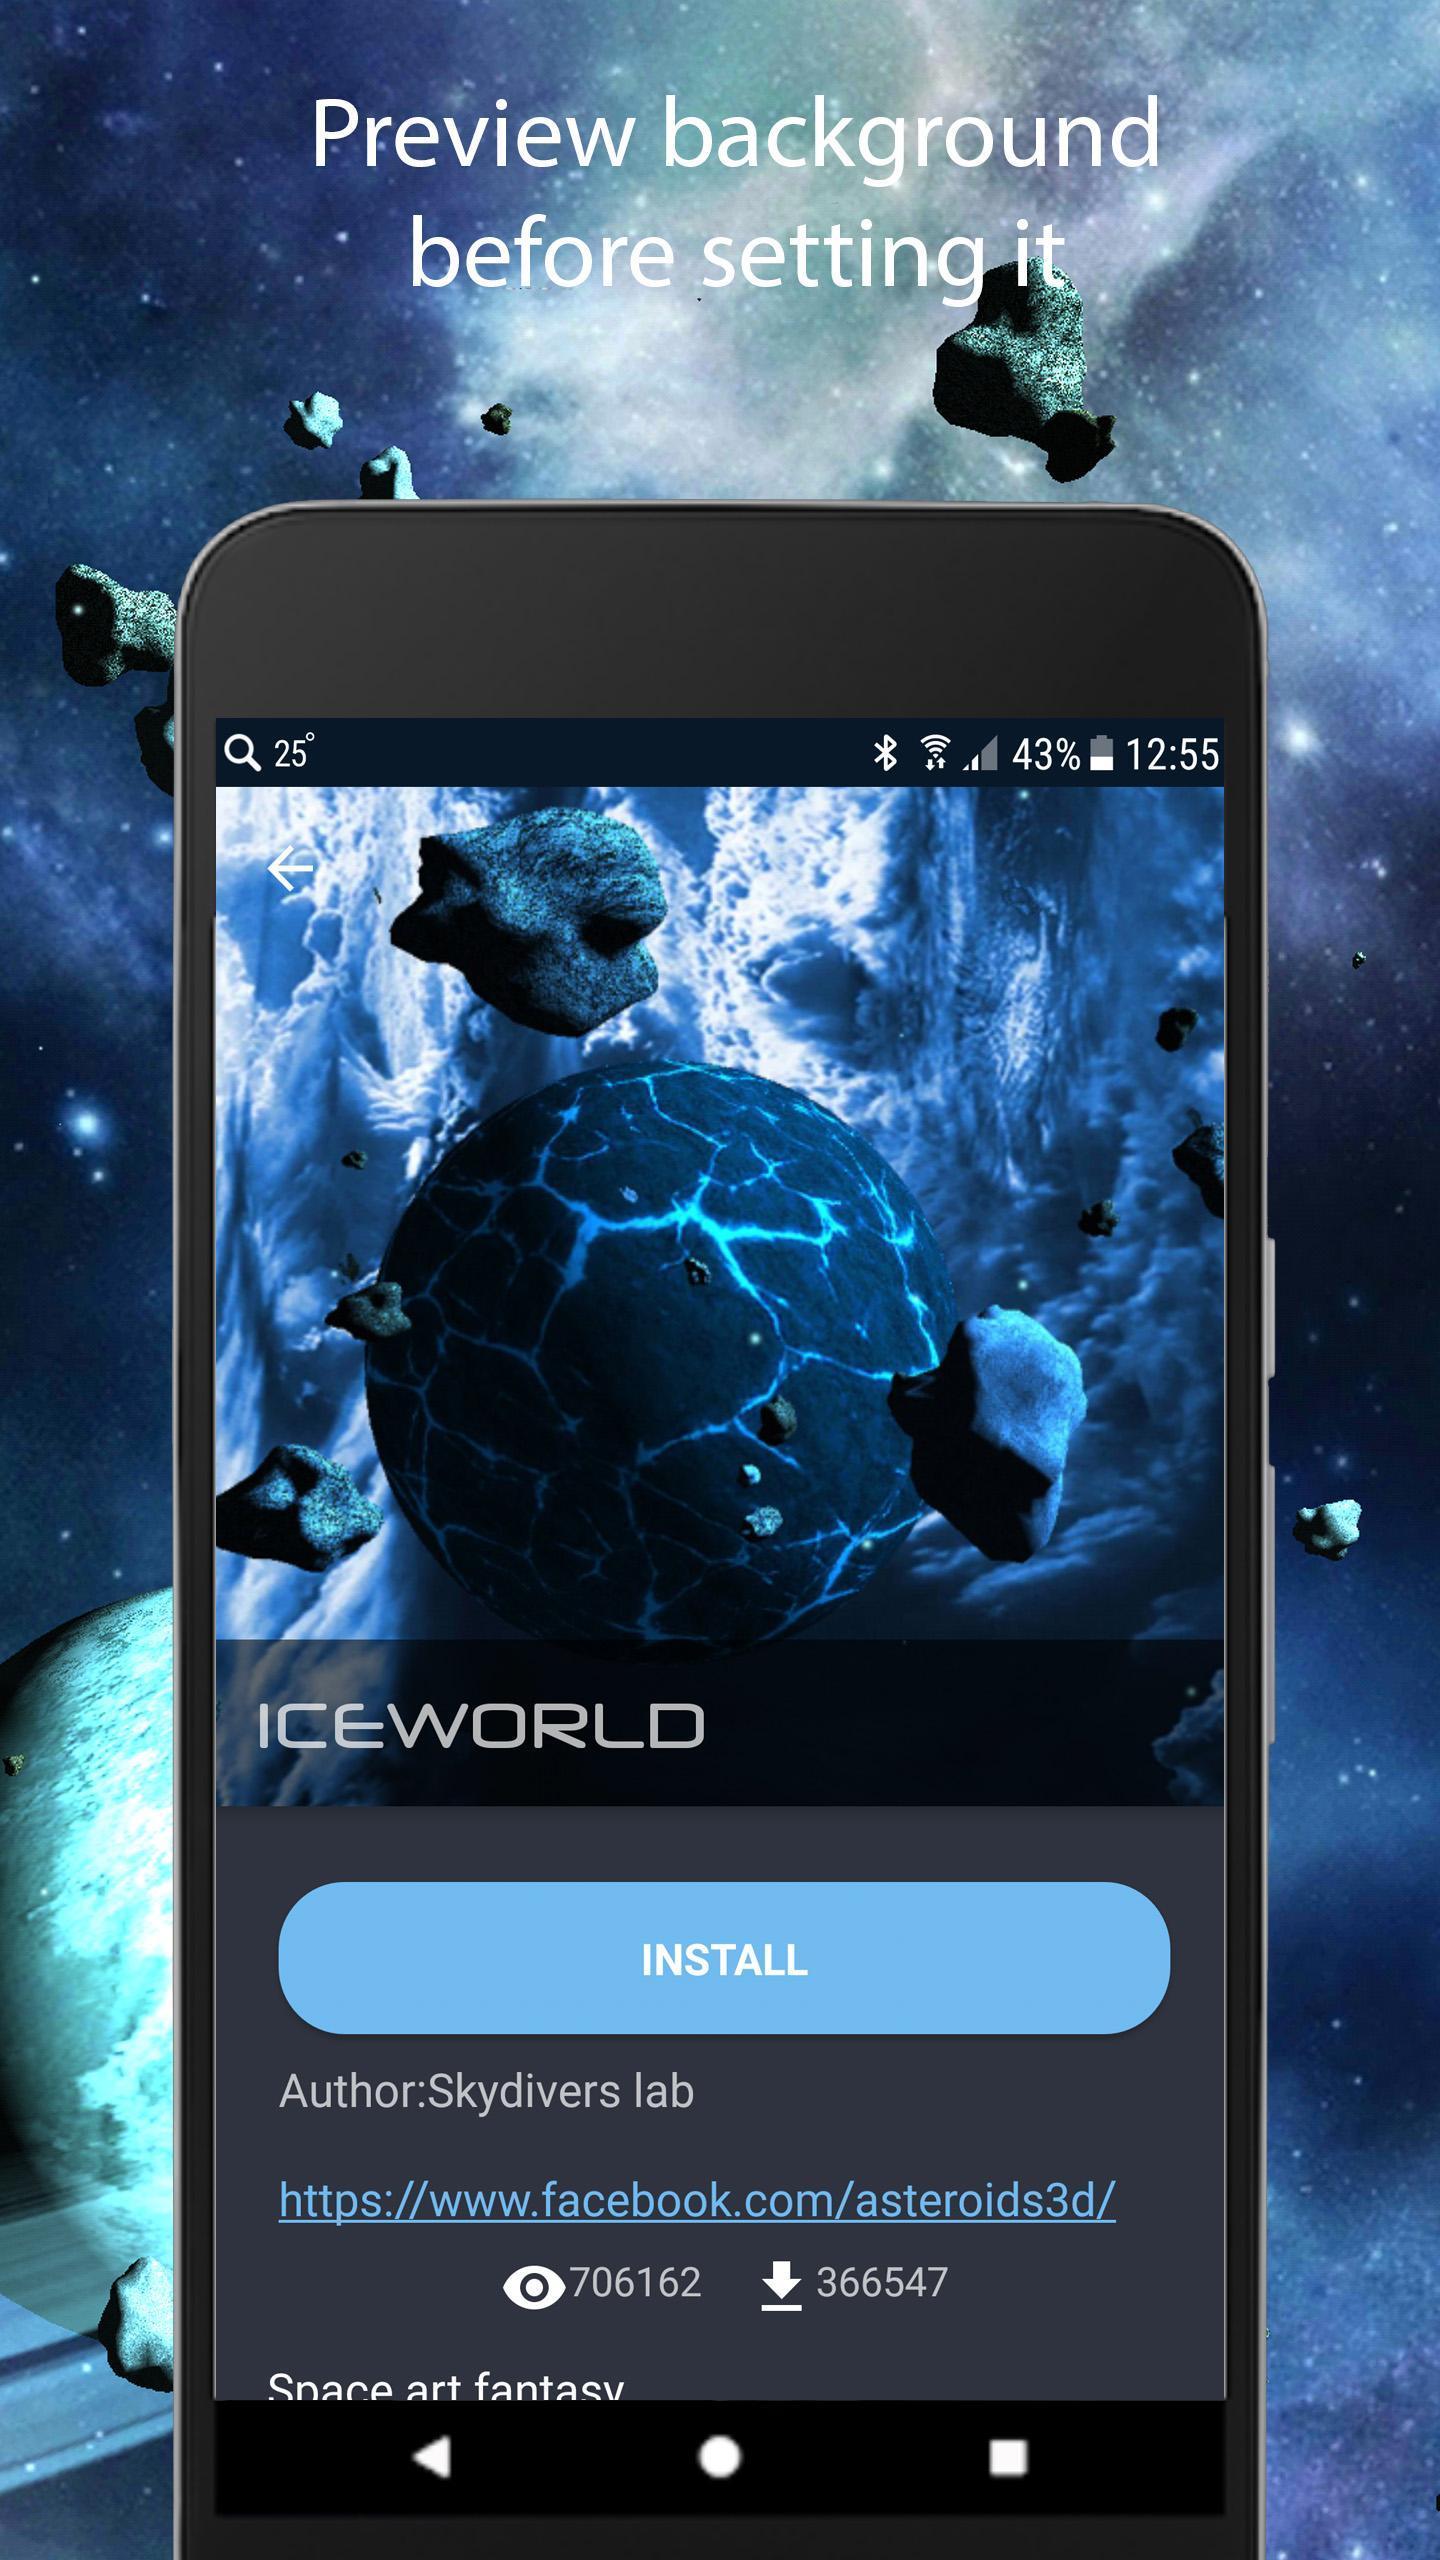 Asteroids 3D live wallpaper 3 تصوير الشاشة